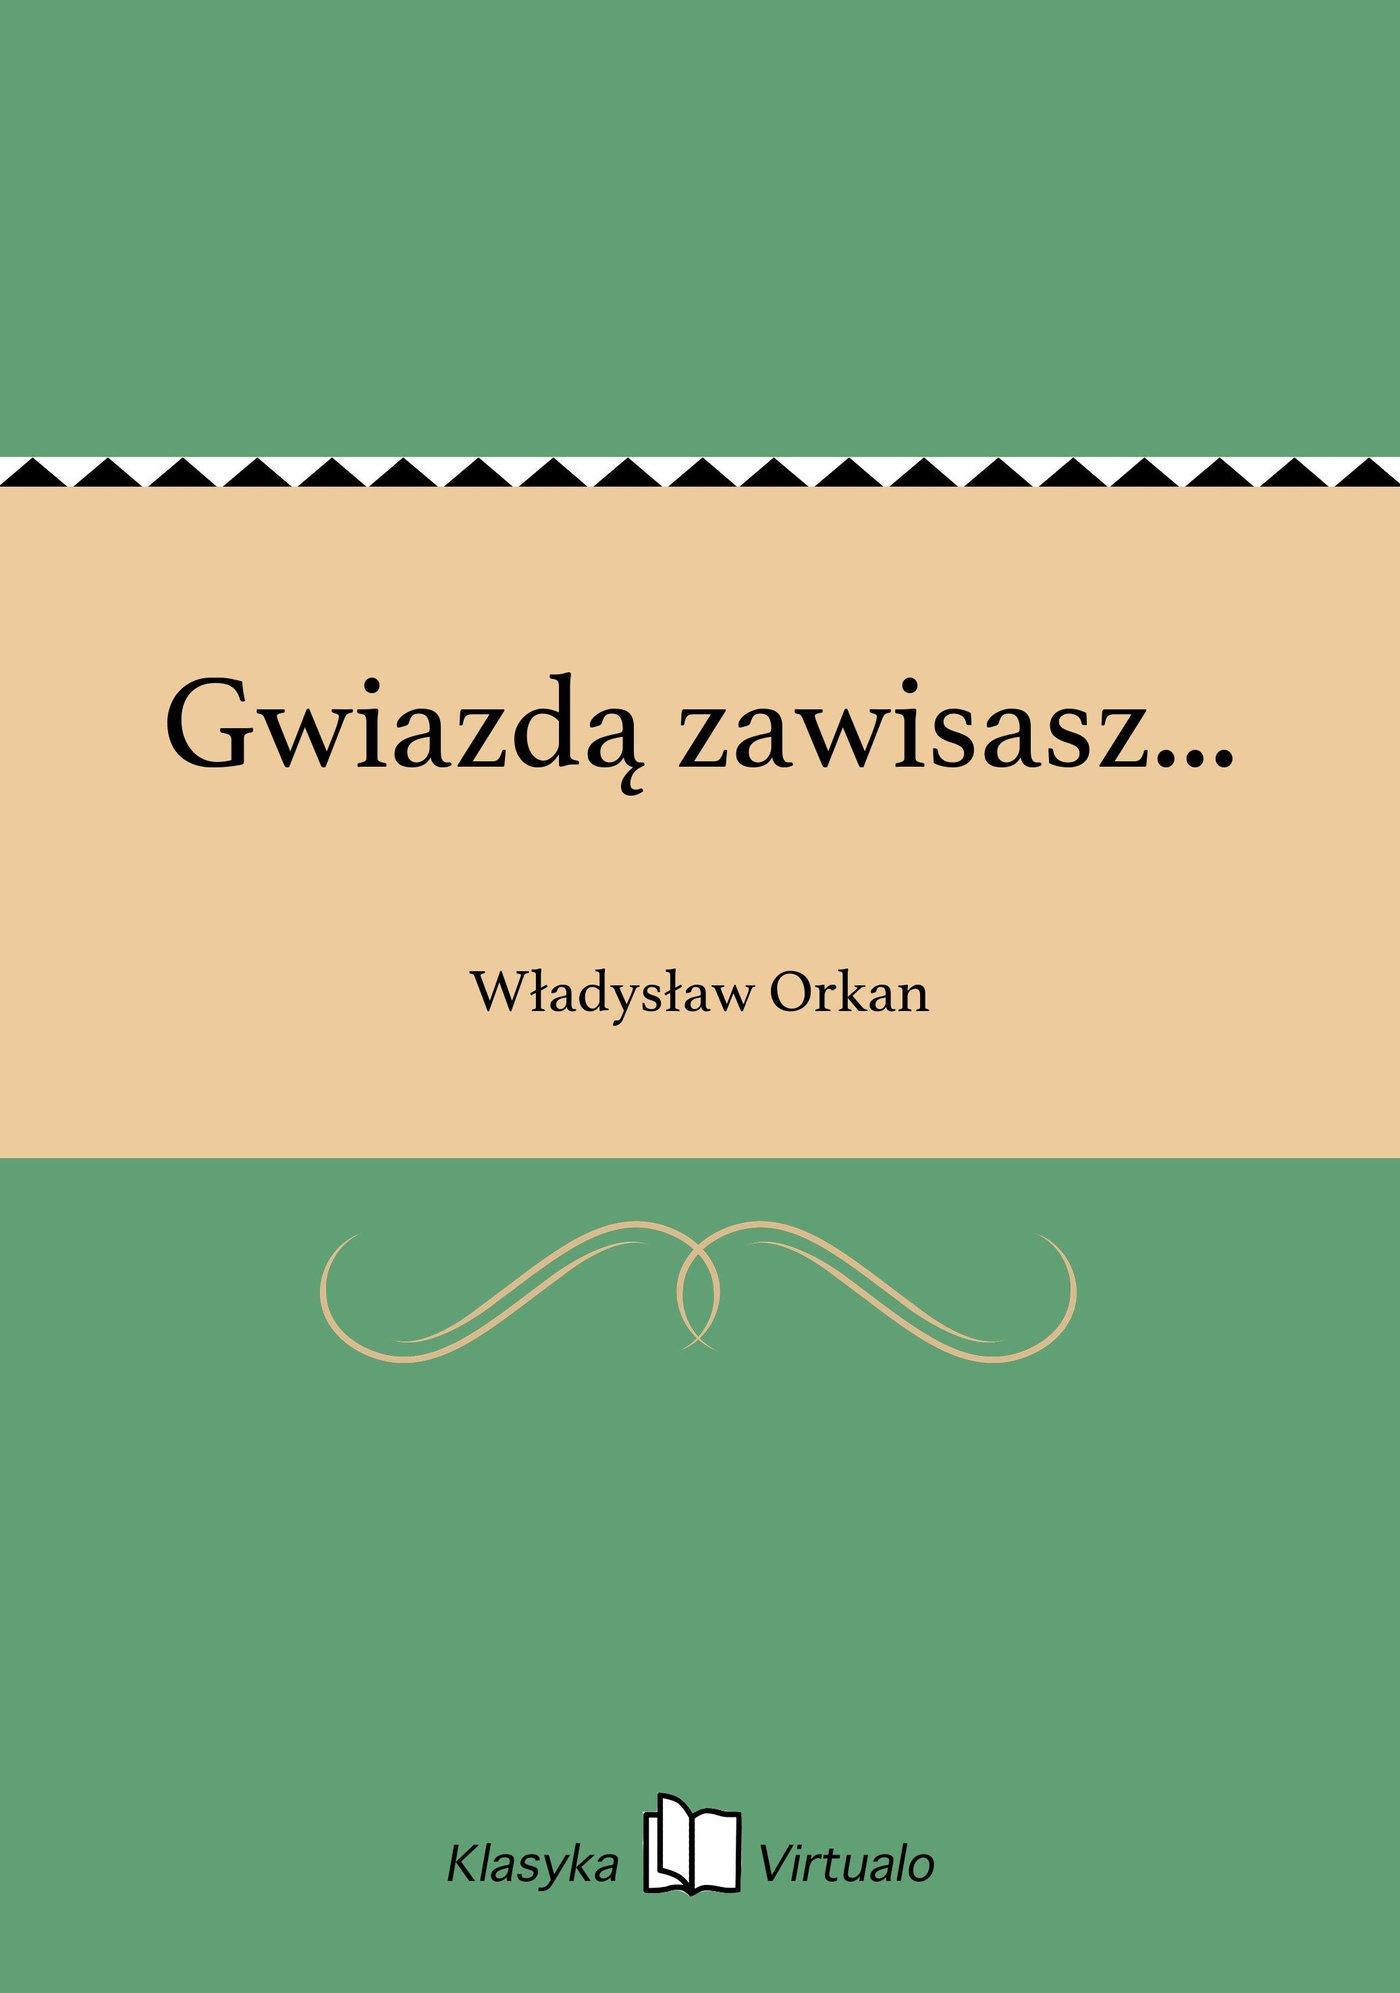 Gwiazdą zawisasz... - Ebook (Książka na Kindle) do pobrania w formacie MOBI